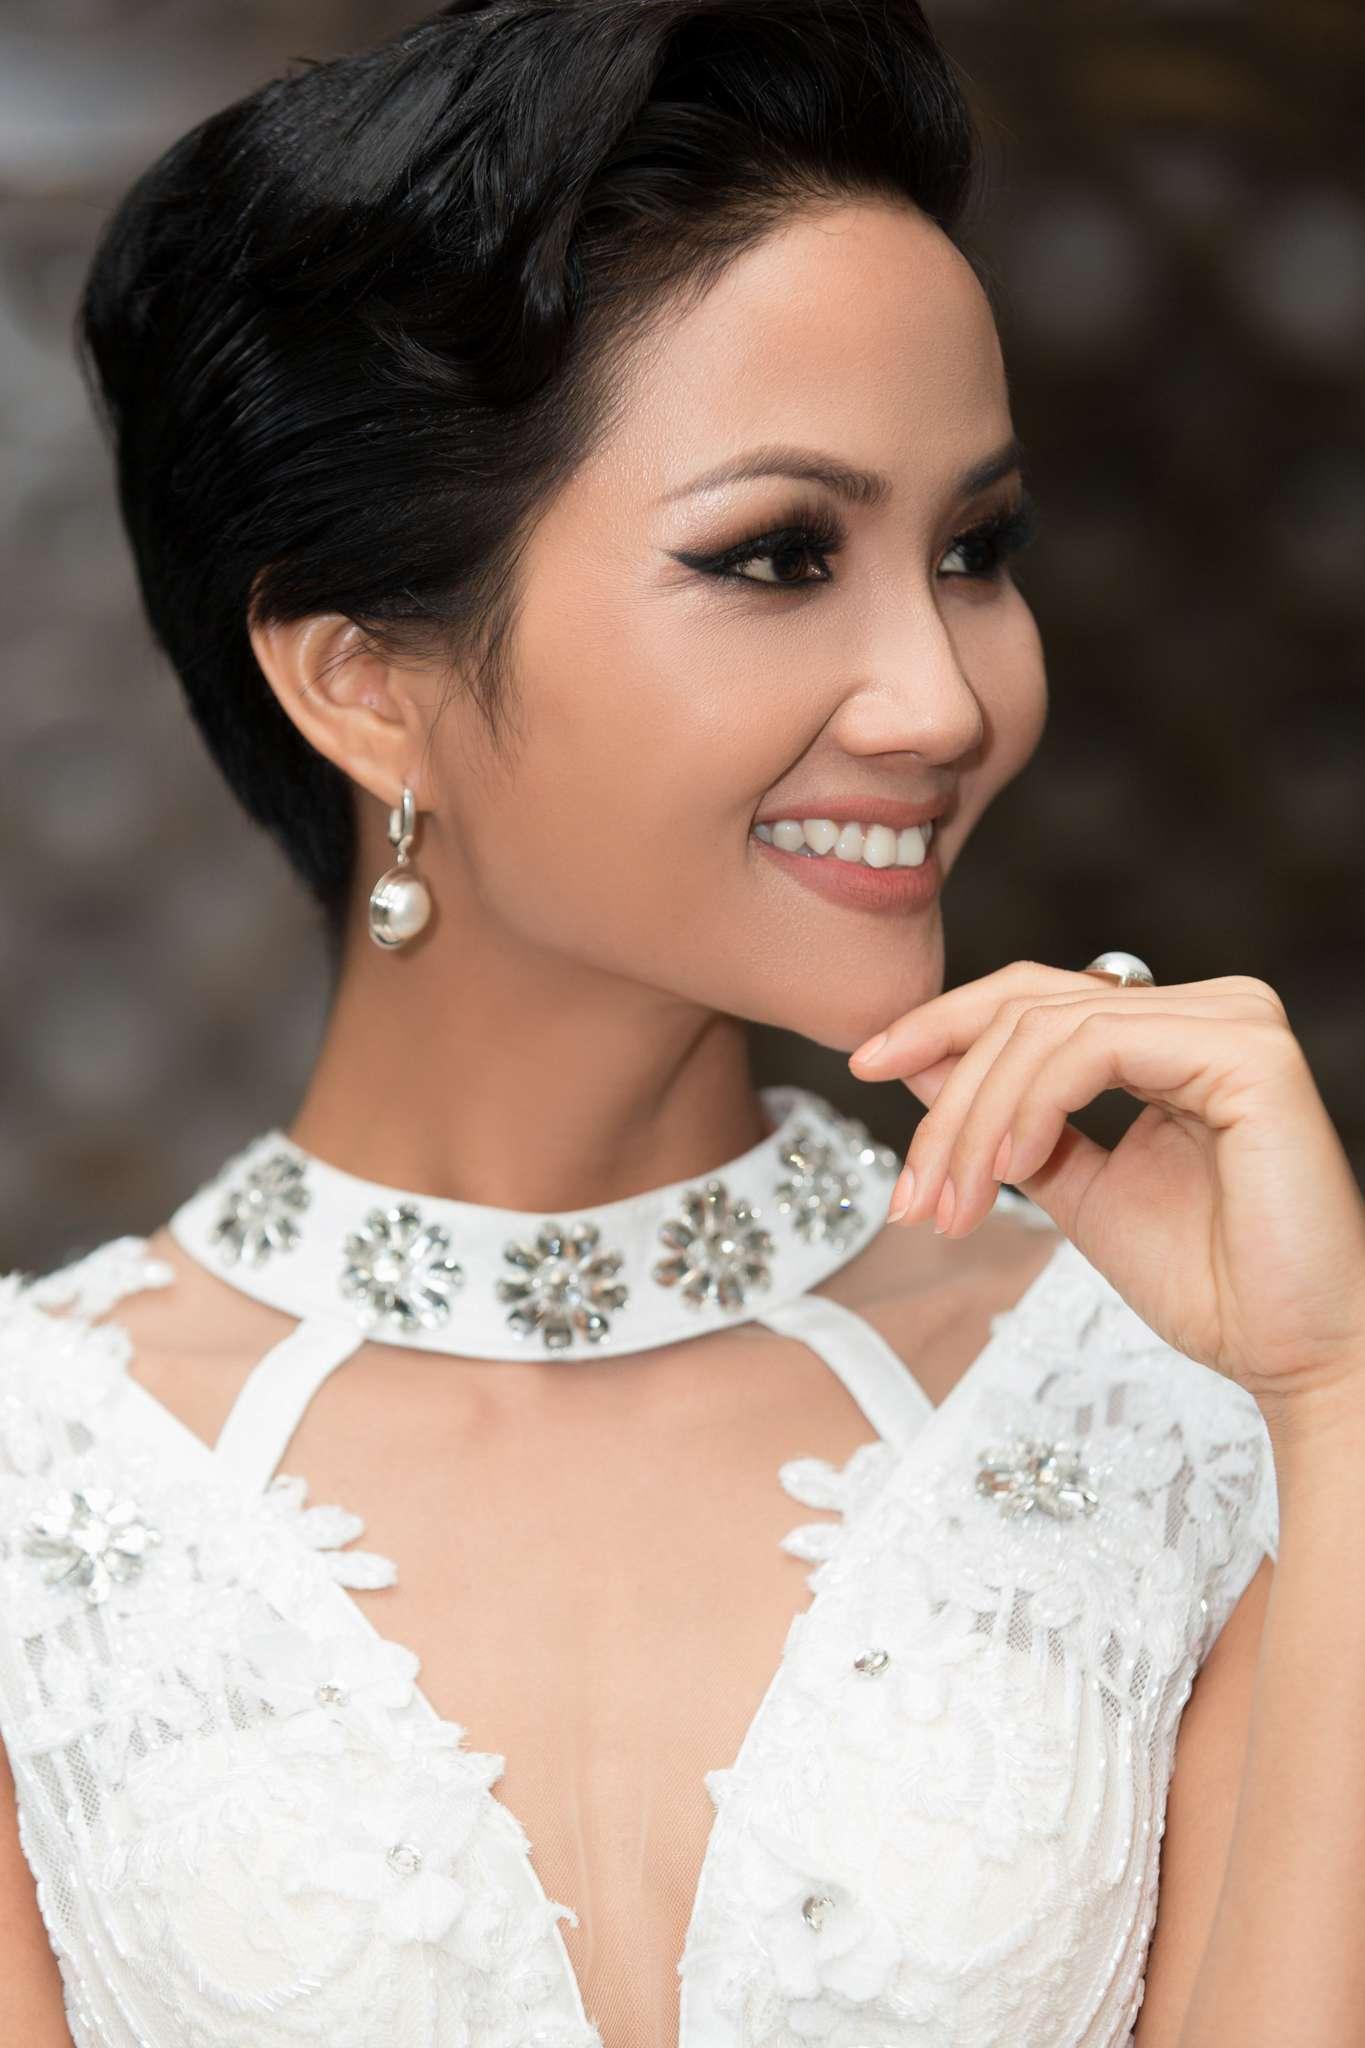 """Hoa hậu H'Hen Niê """"đốt mắt"""" khán giả bằng bộ váy xẻ tà - Ảnh 5"""